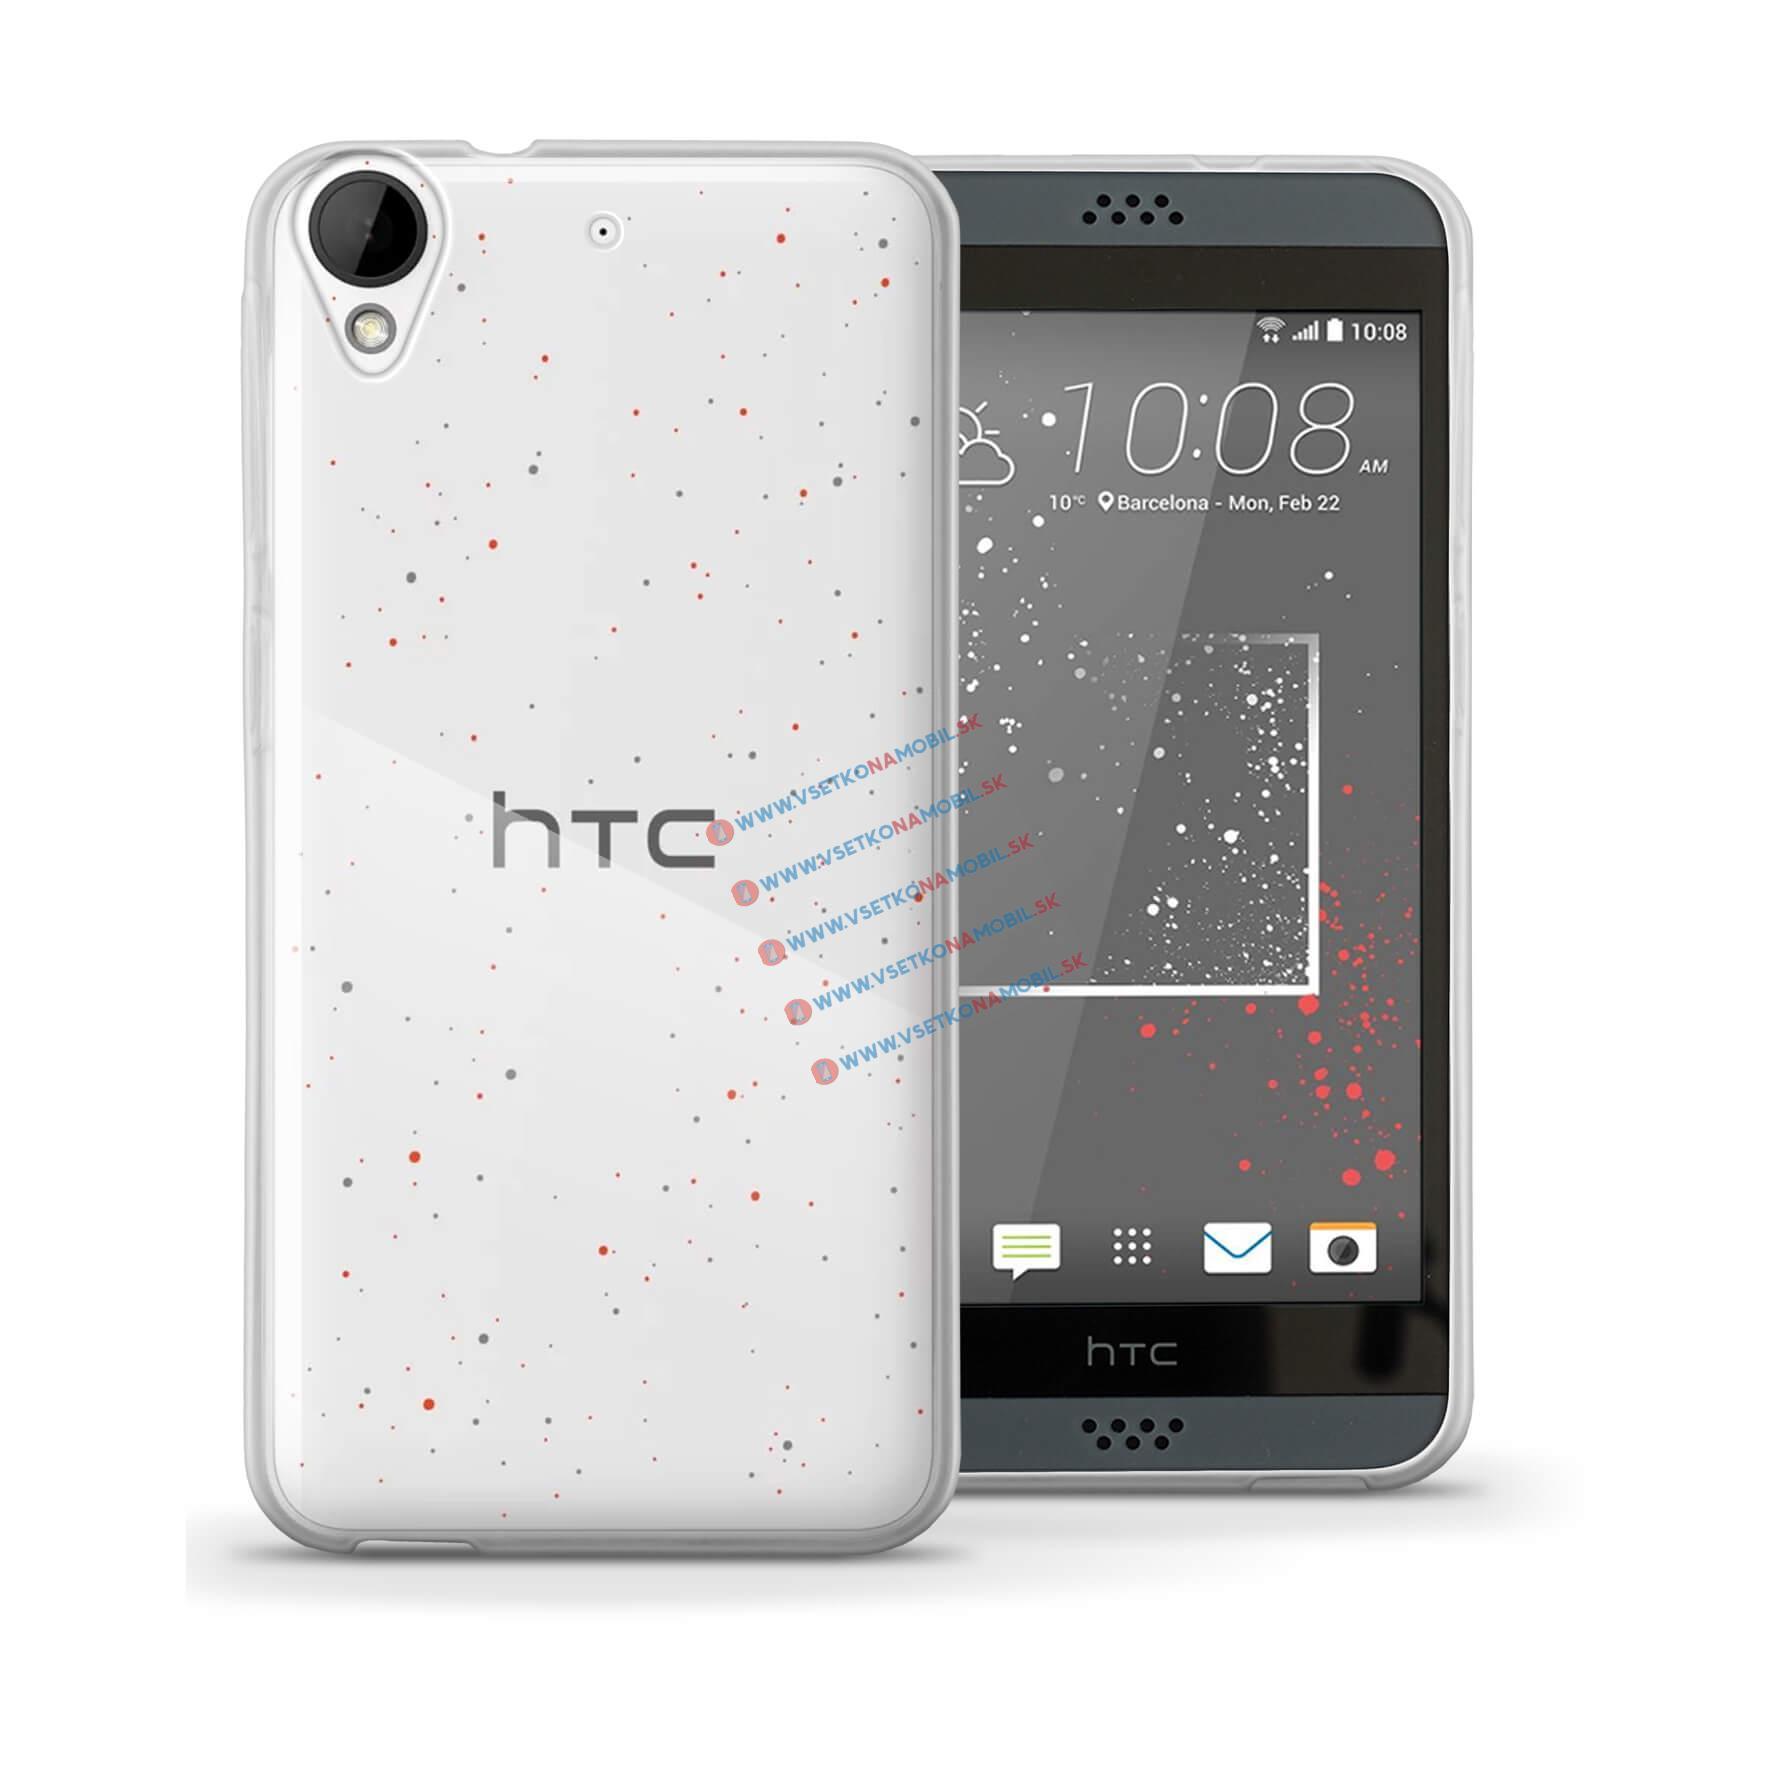 FORCELL Silikónový obal HTC Desire 530 / HTC Desire 630 priehľadný